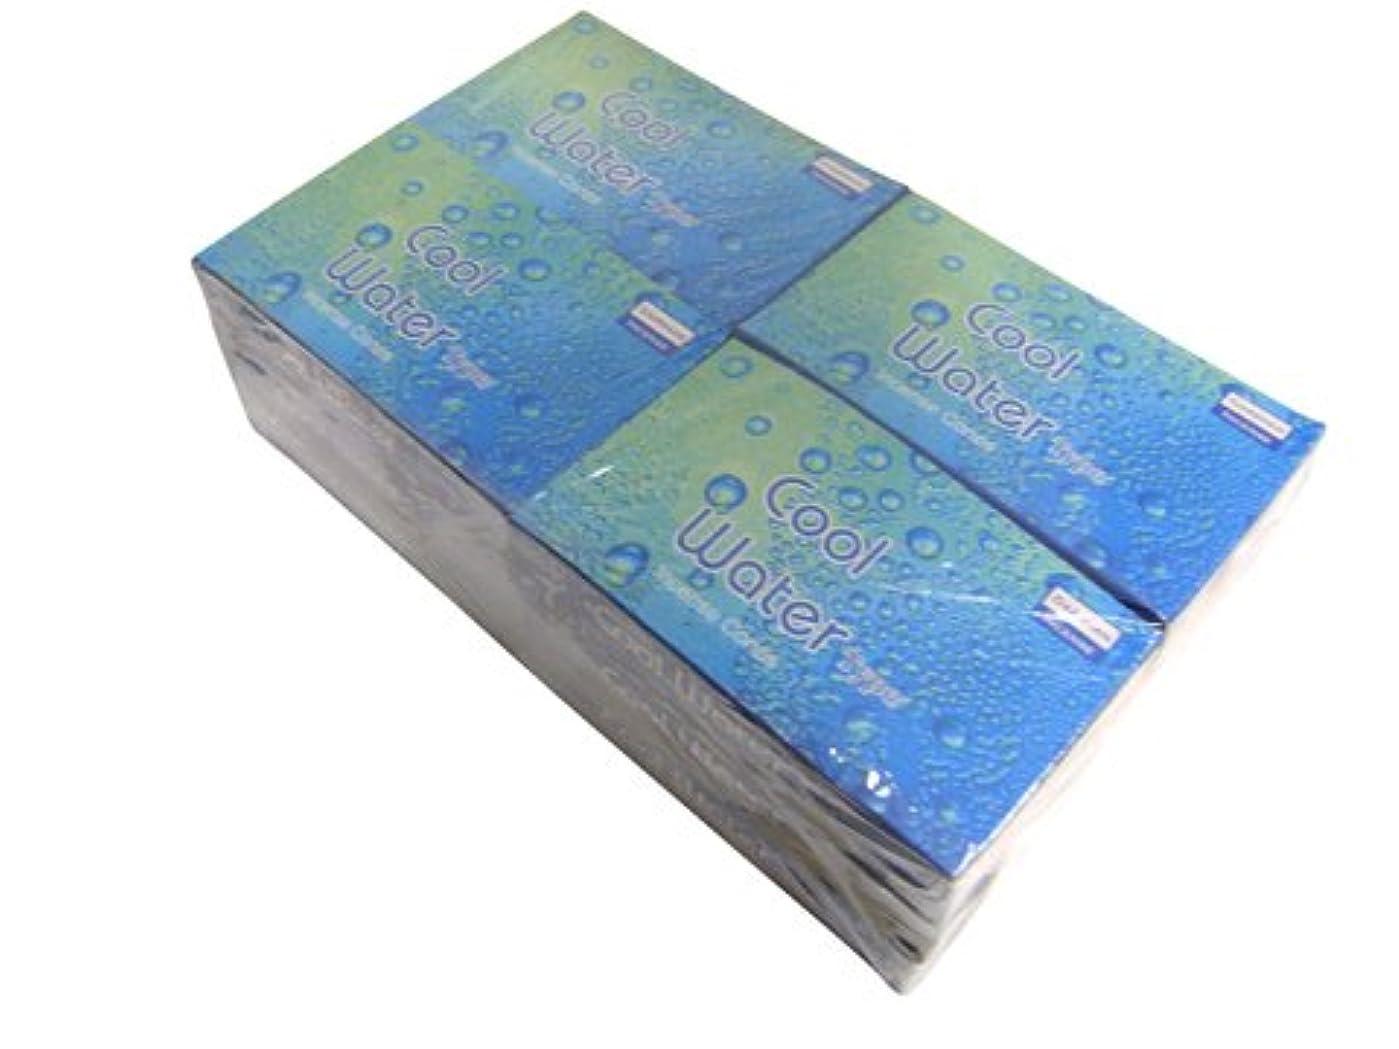 絶えず泥スチュワーデスDARSHAN(ダルシャン) クールウォーター香 コーンタイプ COOL WATER CORN 12箱セット